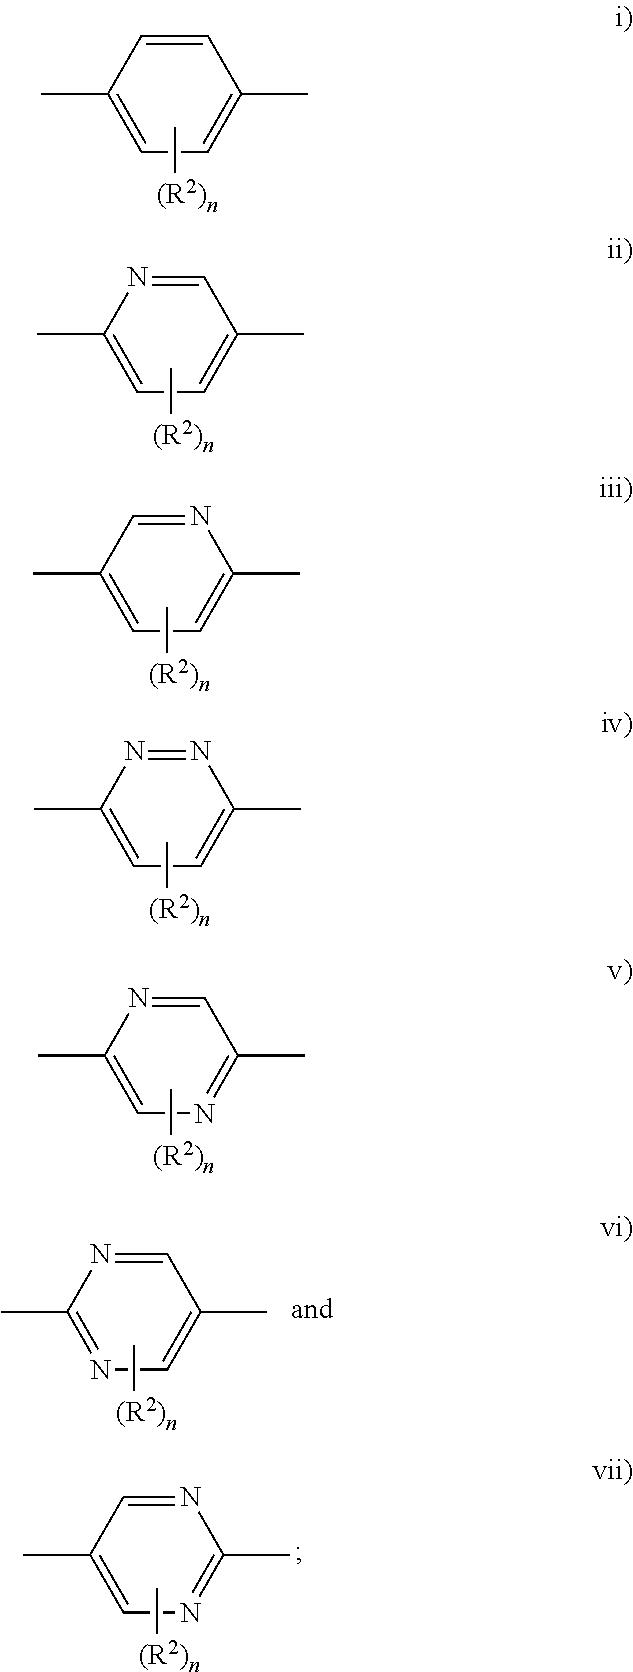 Figure US20120077812A1-20120329-C00002